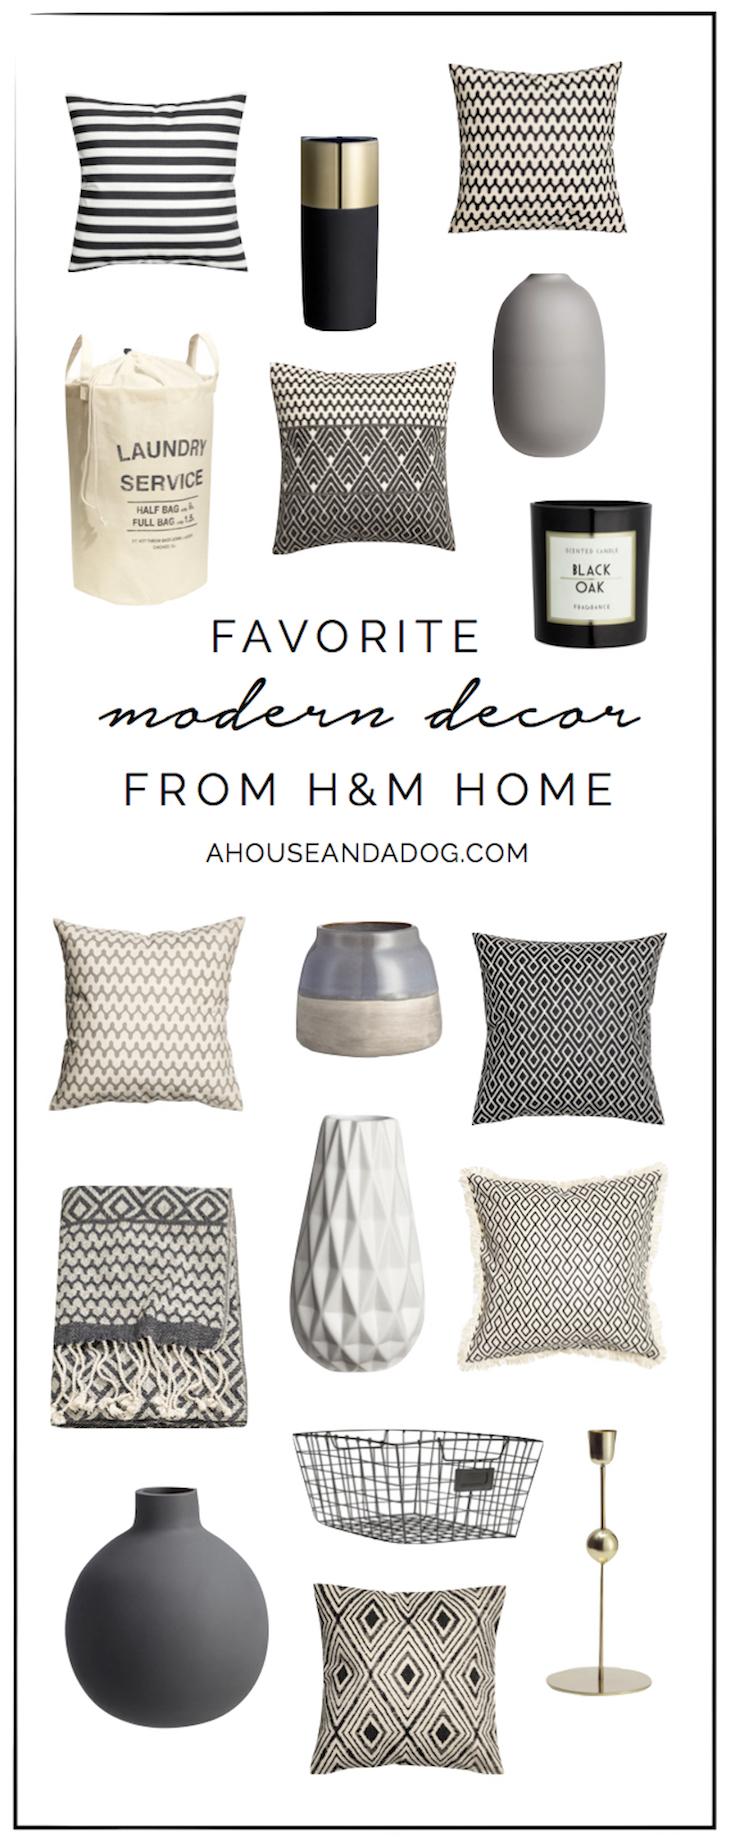 Modern Decor from H&M Home | ahouseandadog.com